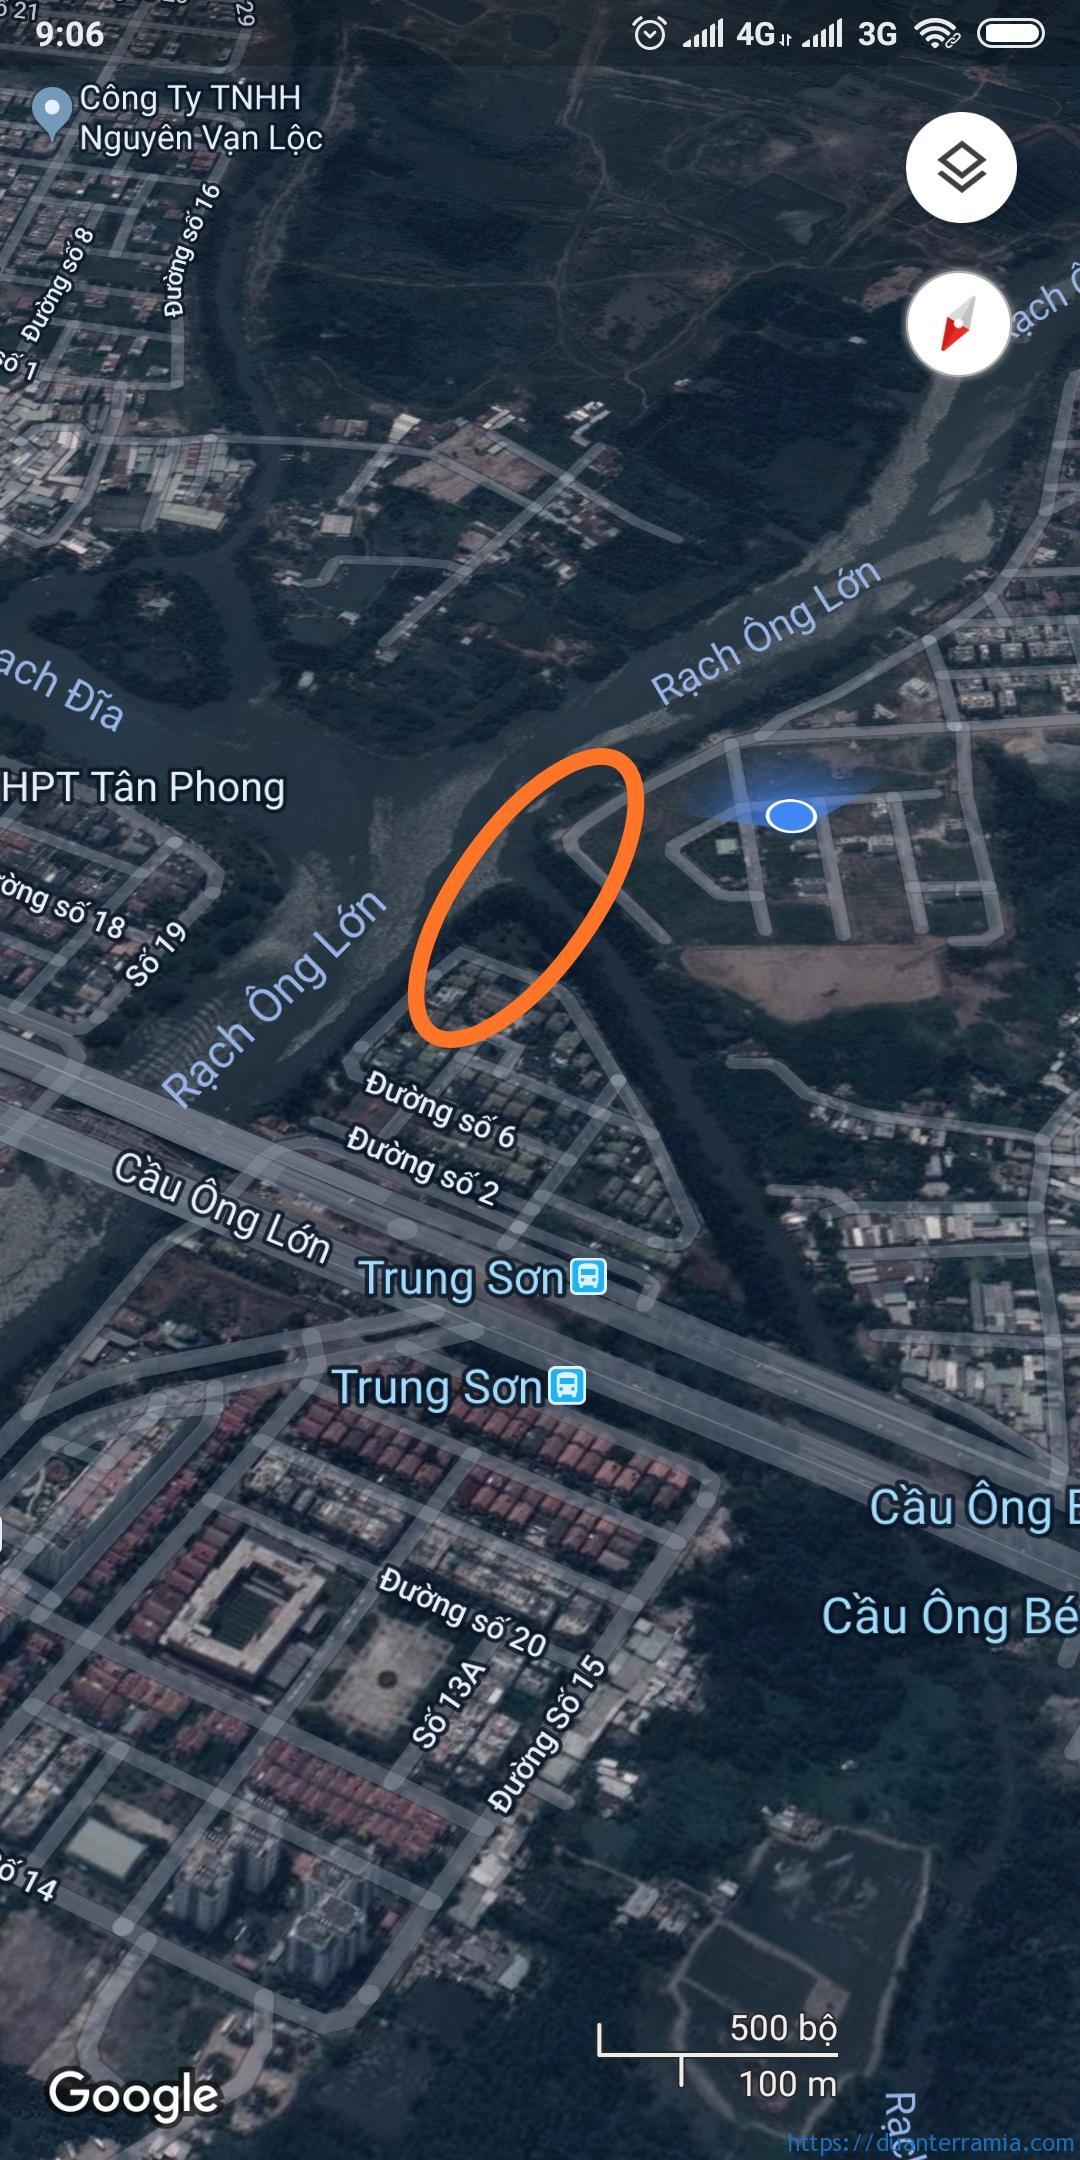 Tiến độ dự án căn hộ Terra Mia Phạm Hùng BC & Nguyễn Văn Cừ nối dài